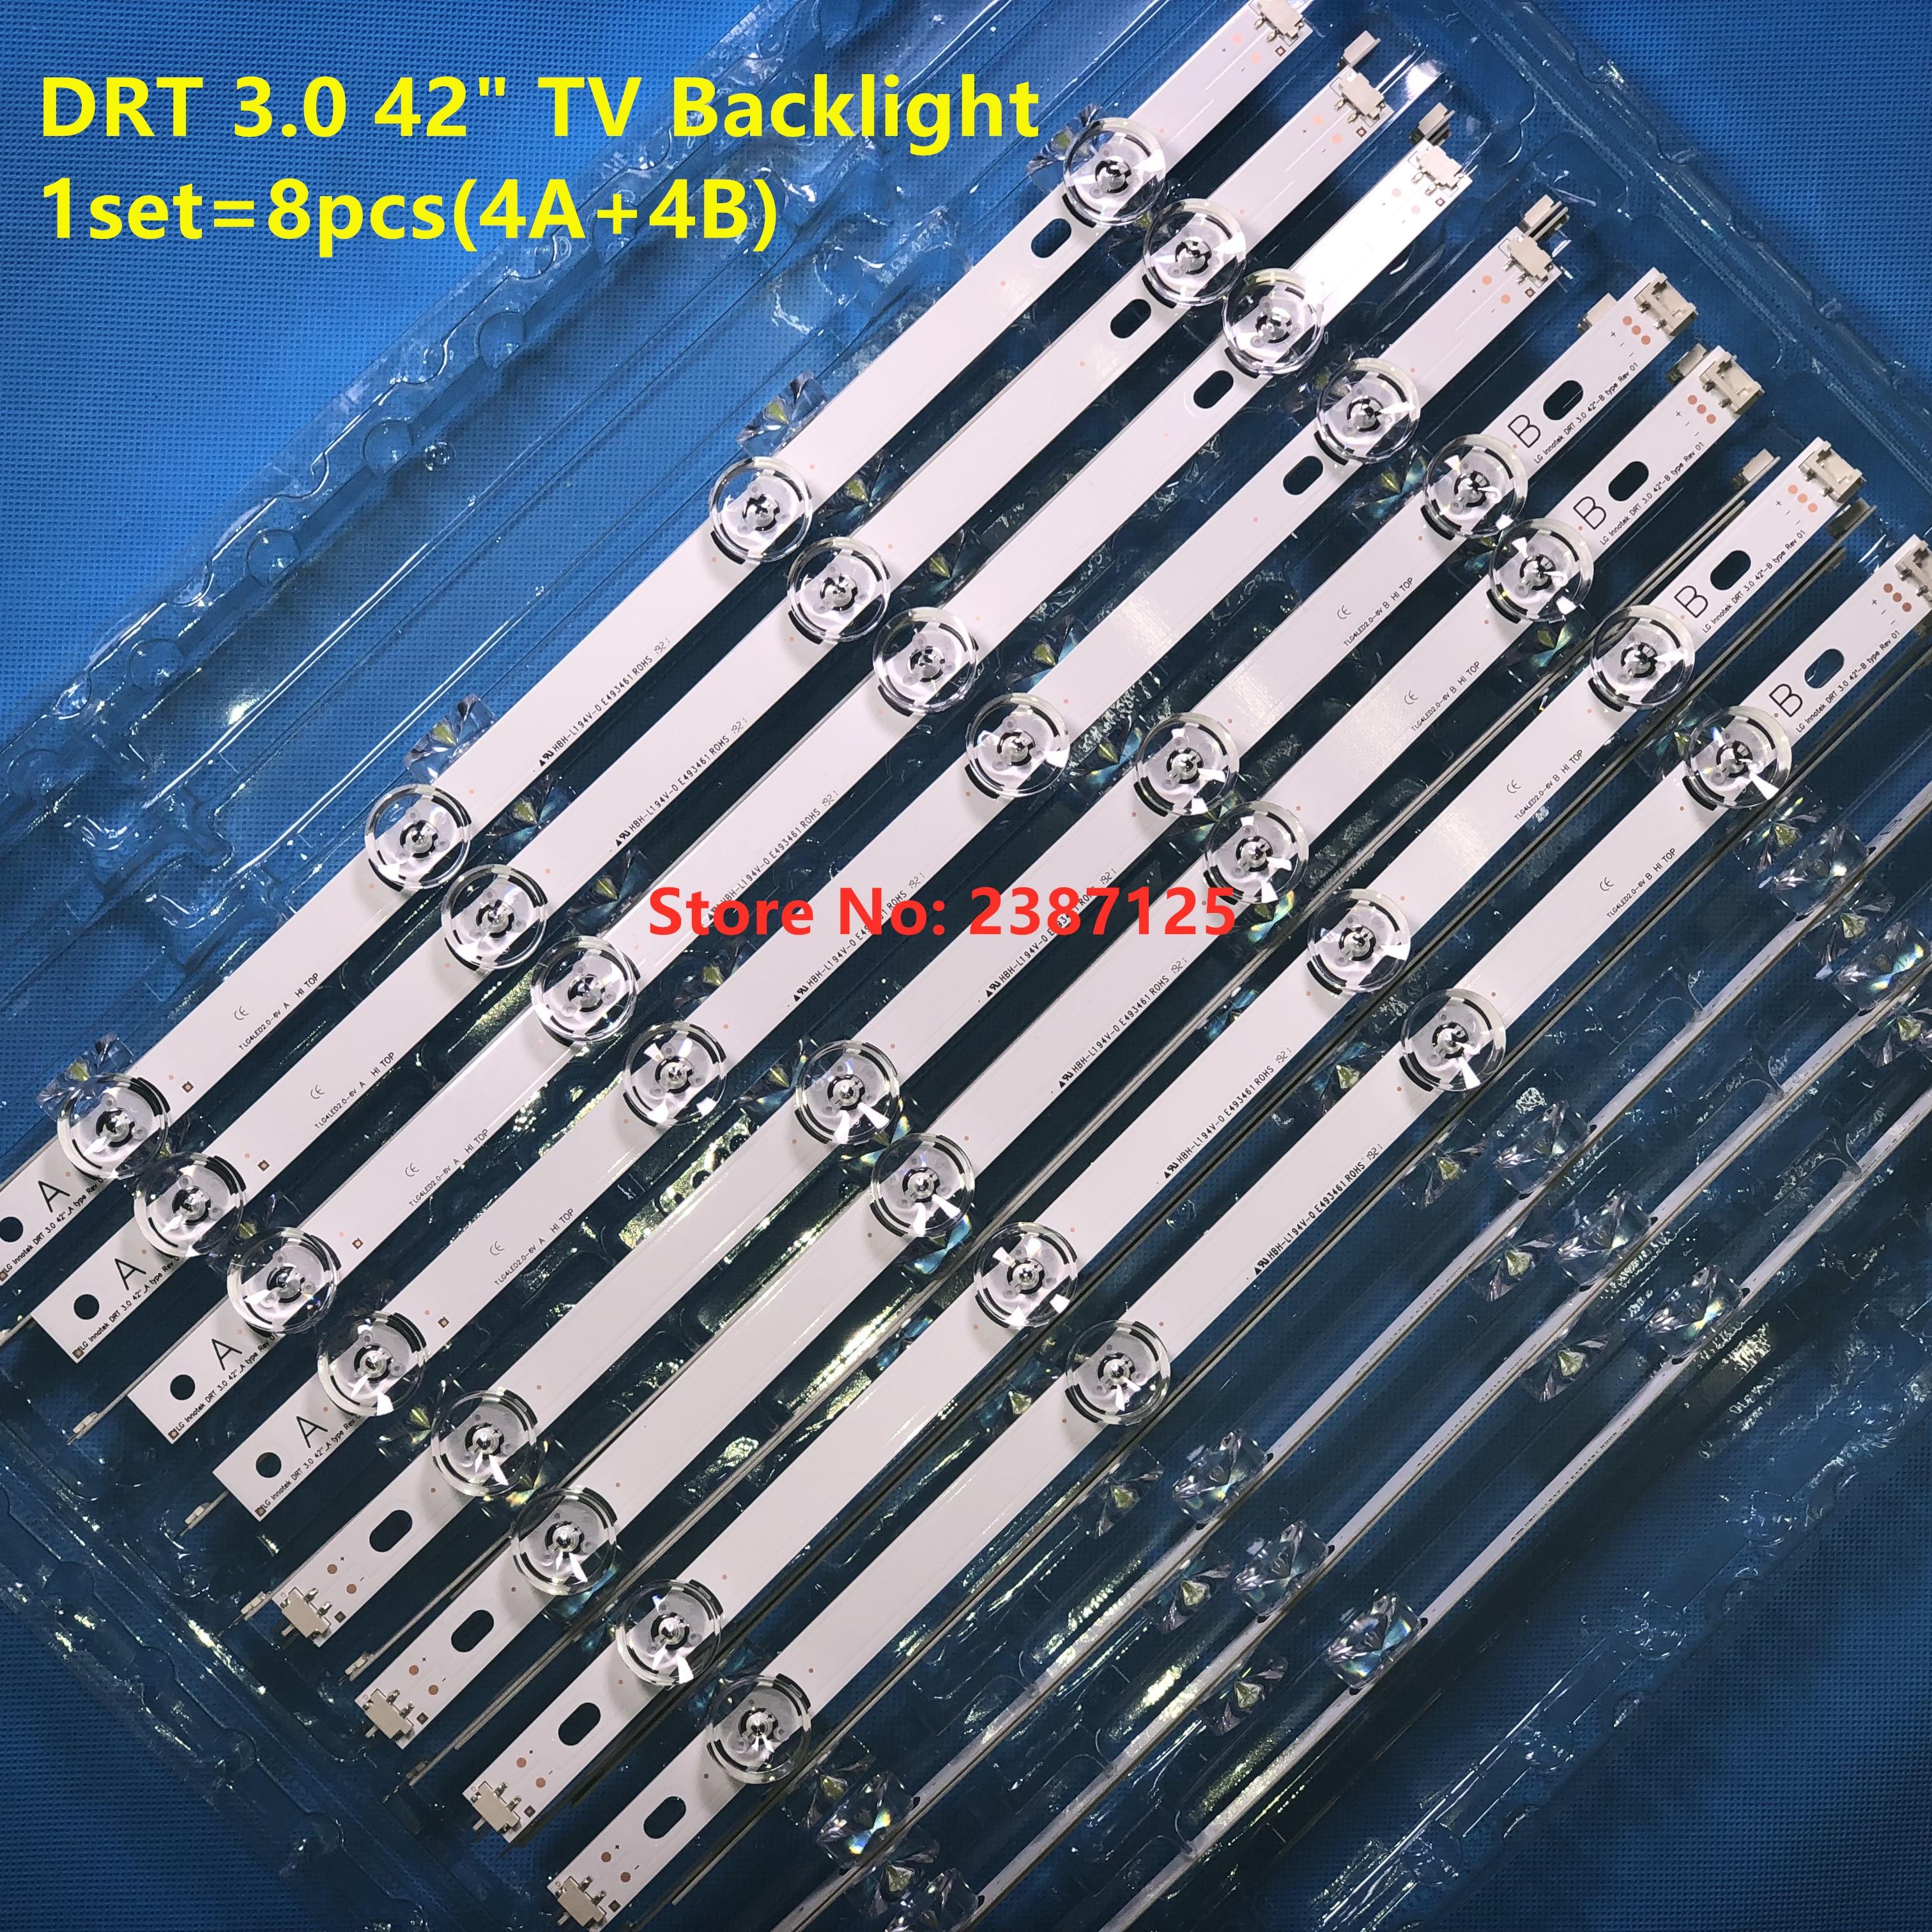 LED Backlight Strip For 42GB6310 42LB6500 42LB5500 42LB550V 42LB561V 42LB570V 42LB580V 42LB585V 42LB5800 42LB580N  42LB620T